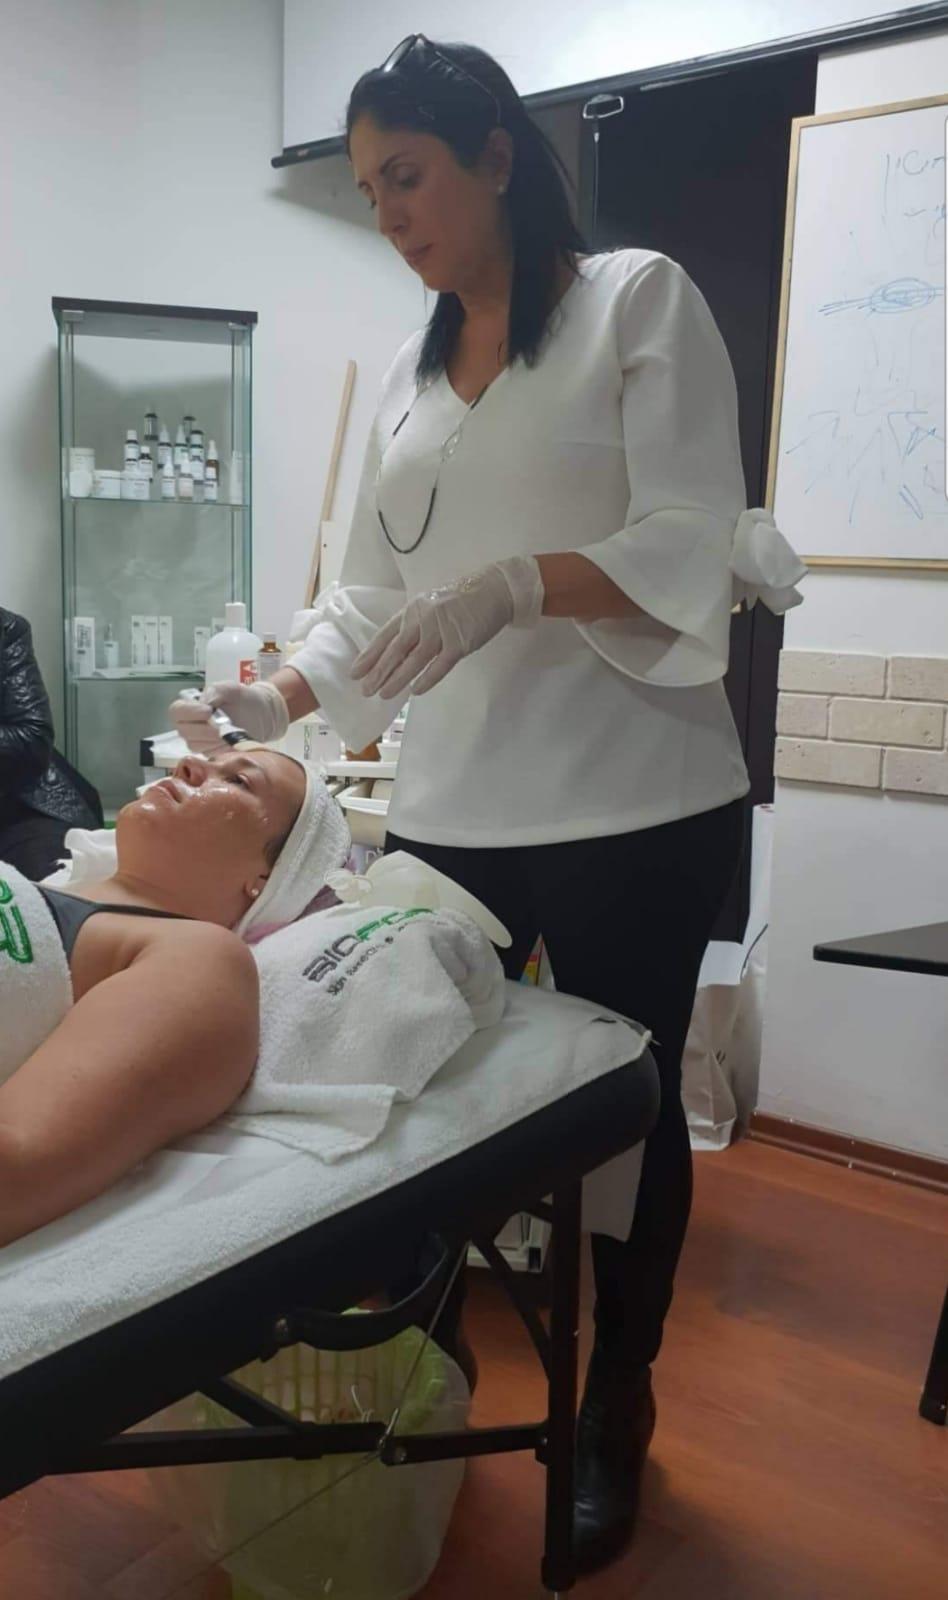 ליאורה ברדוגו - הקליניקה